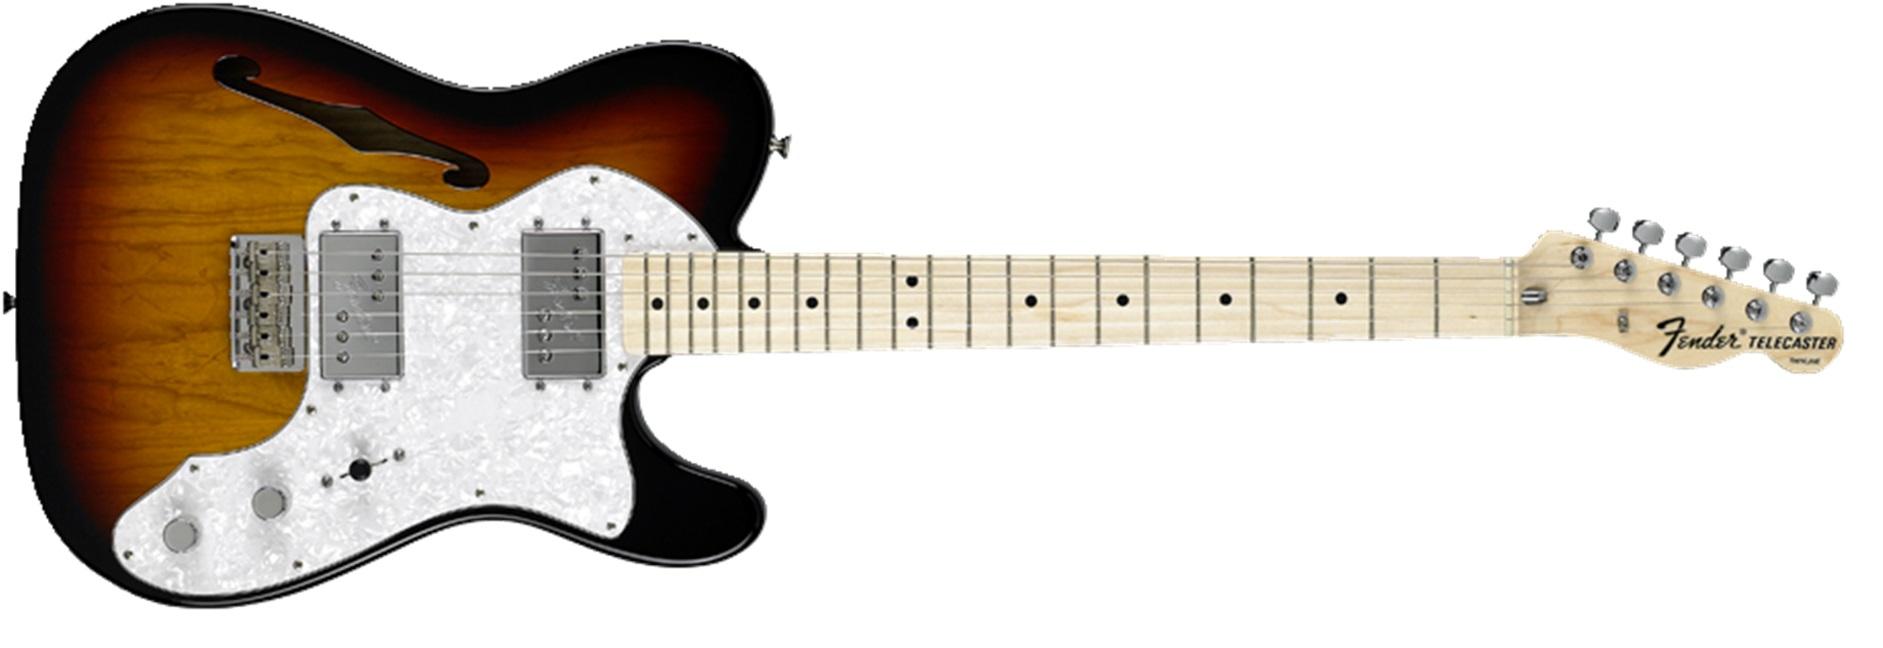 Fender 72 Telecaster Thinline MN 3SB